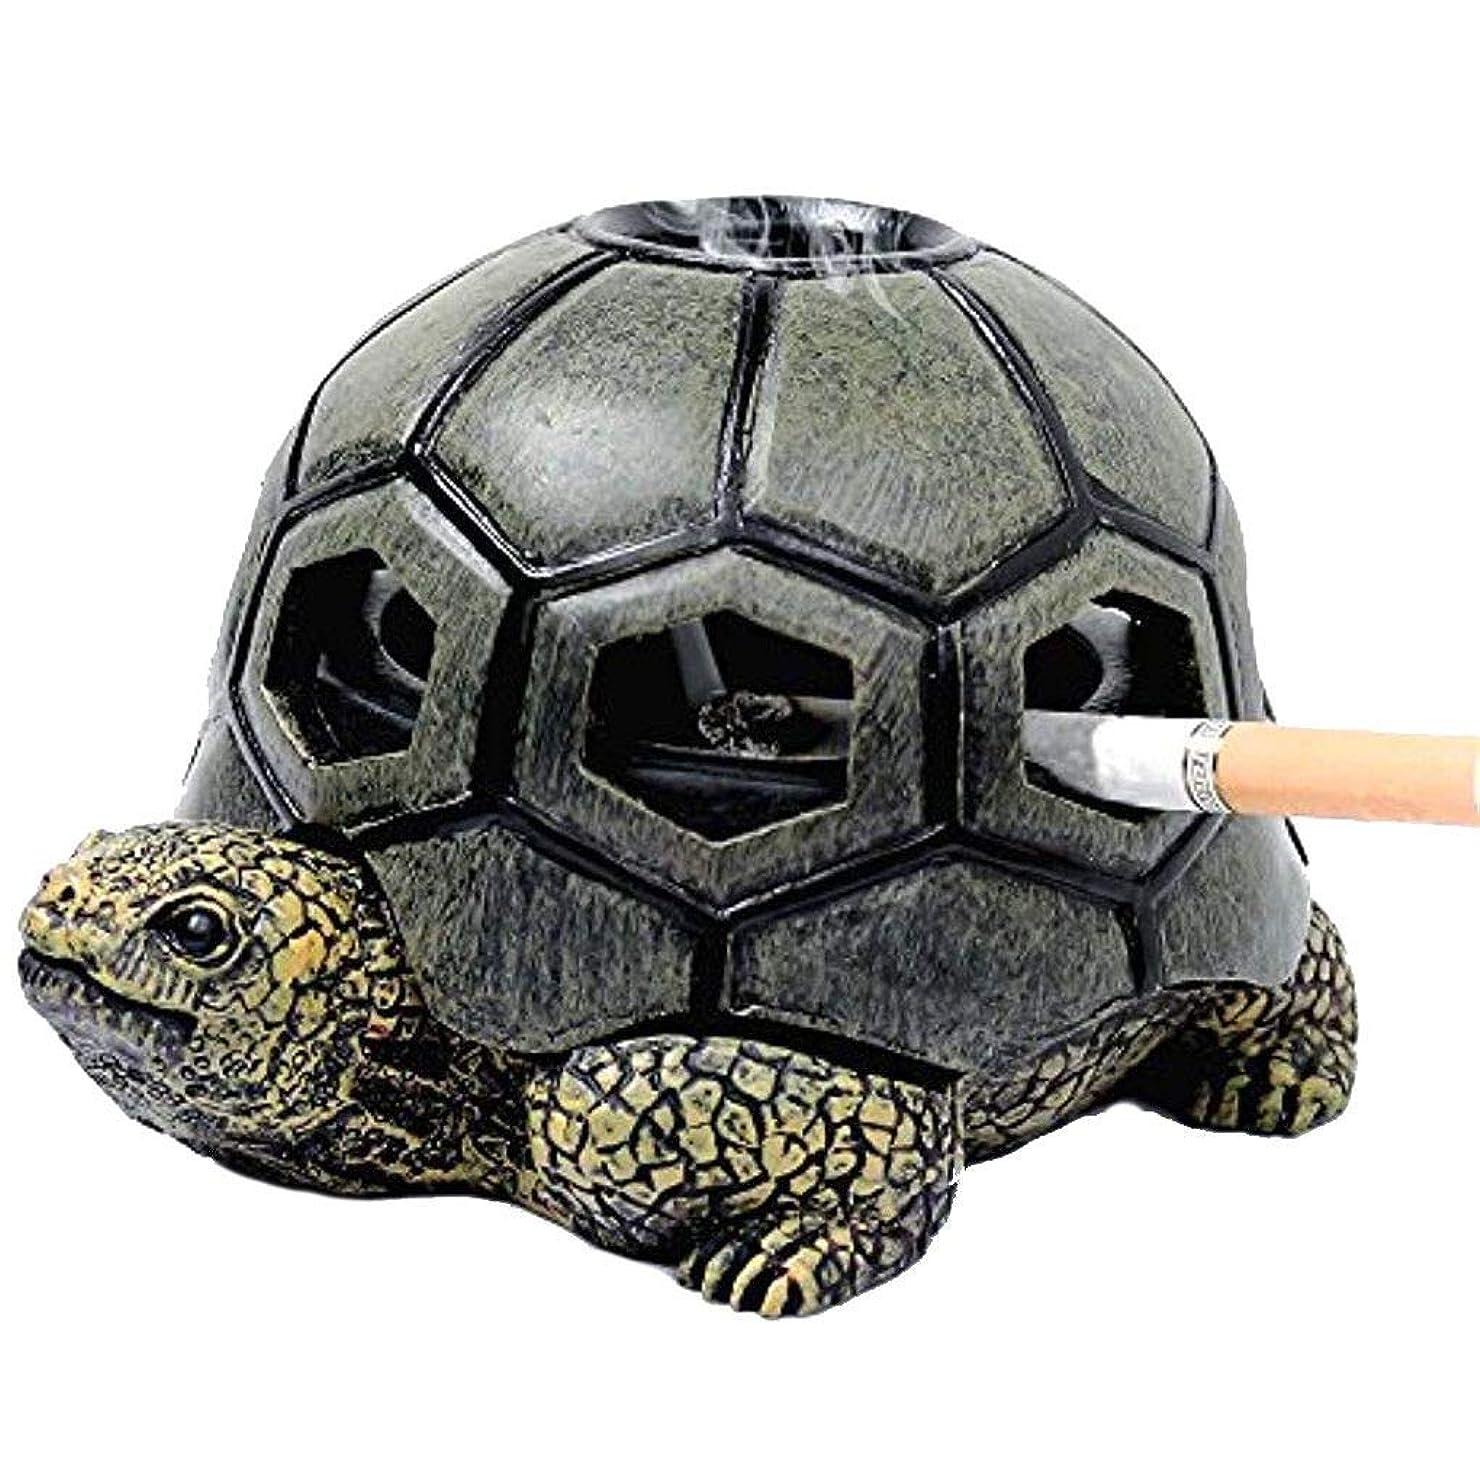 これら消毒する成熟TopFires ユニークな煙プレートデコレーション環境保護タバコトレイ携帯アクセサリータートル灰皿